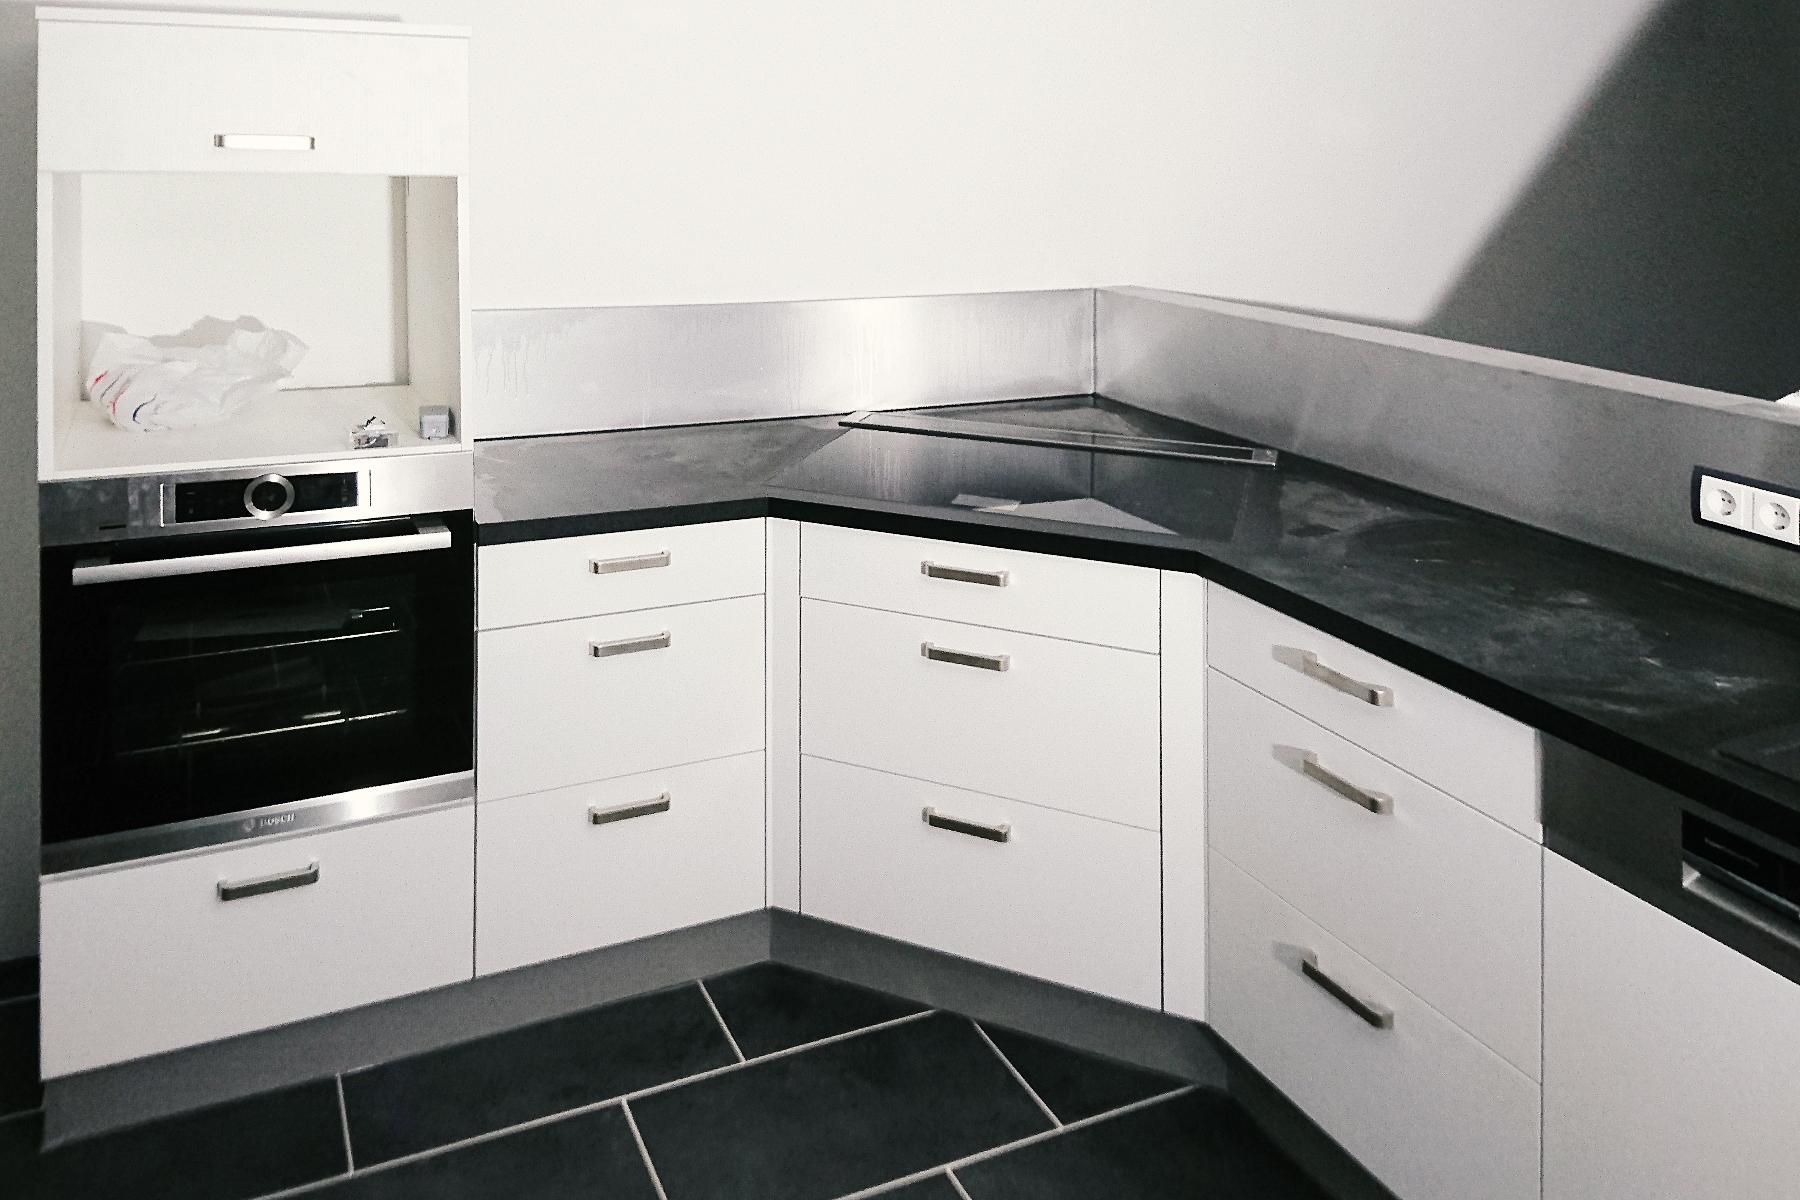 Küche in Schwarz-Weiß - Schreinerei Schreiber